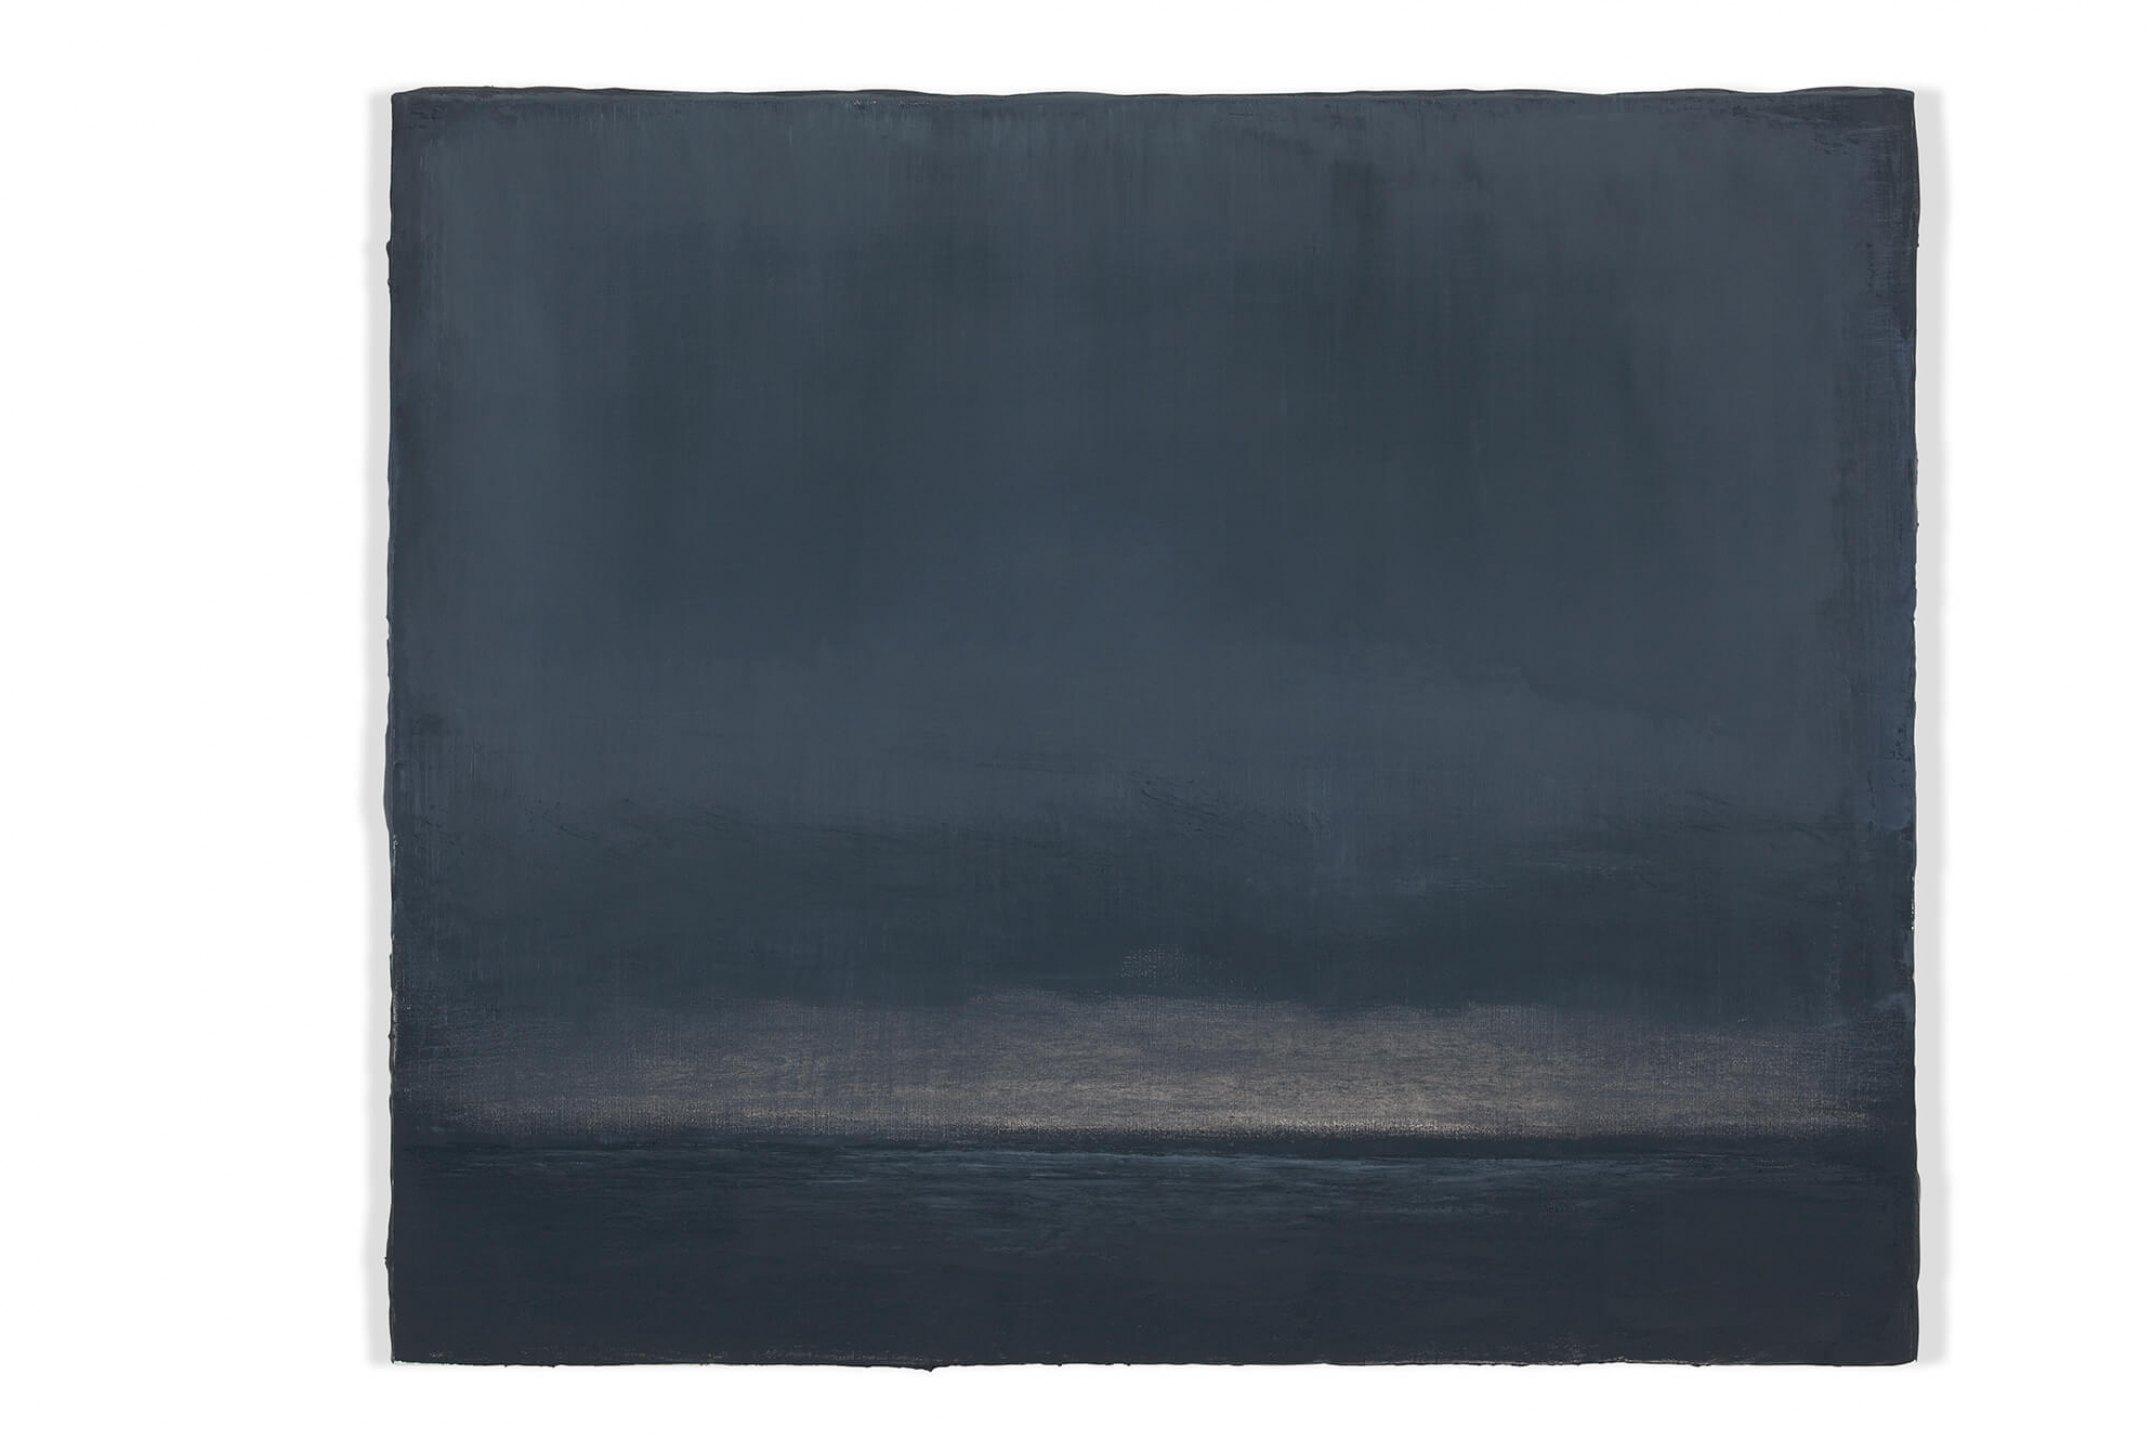 Lucas Arruda,&nbsp;<em>untitled</em>, 2012, oil on canvas, 51 ×&nbsp;61 × 3 cm - Mendes Wood DM